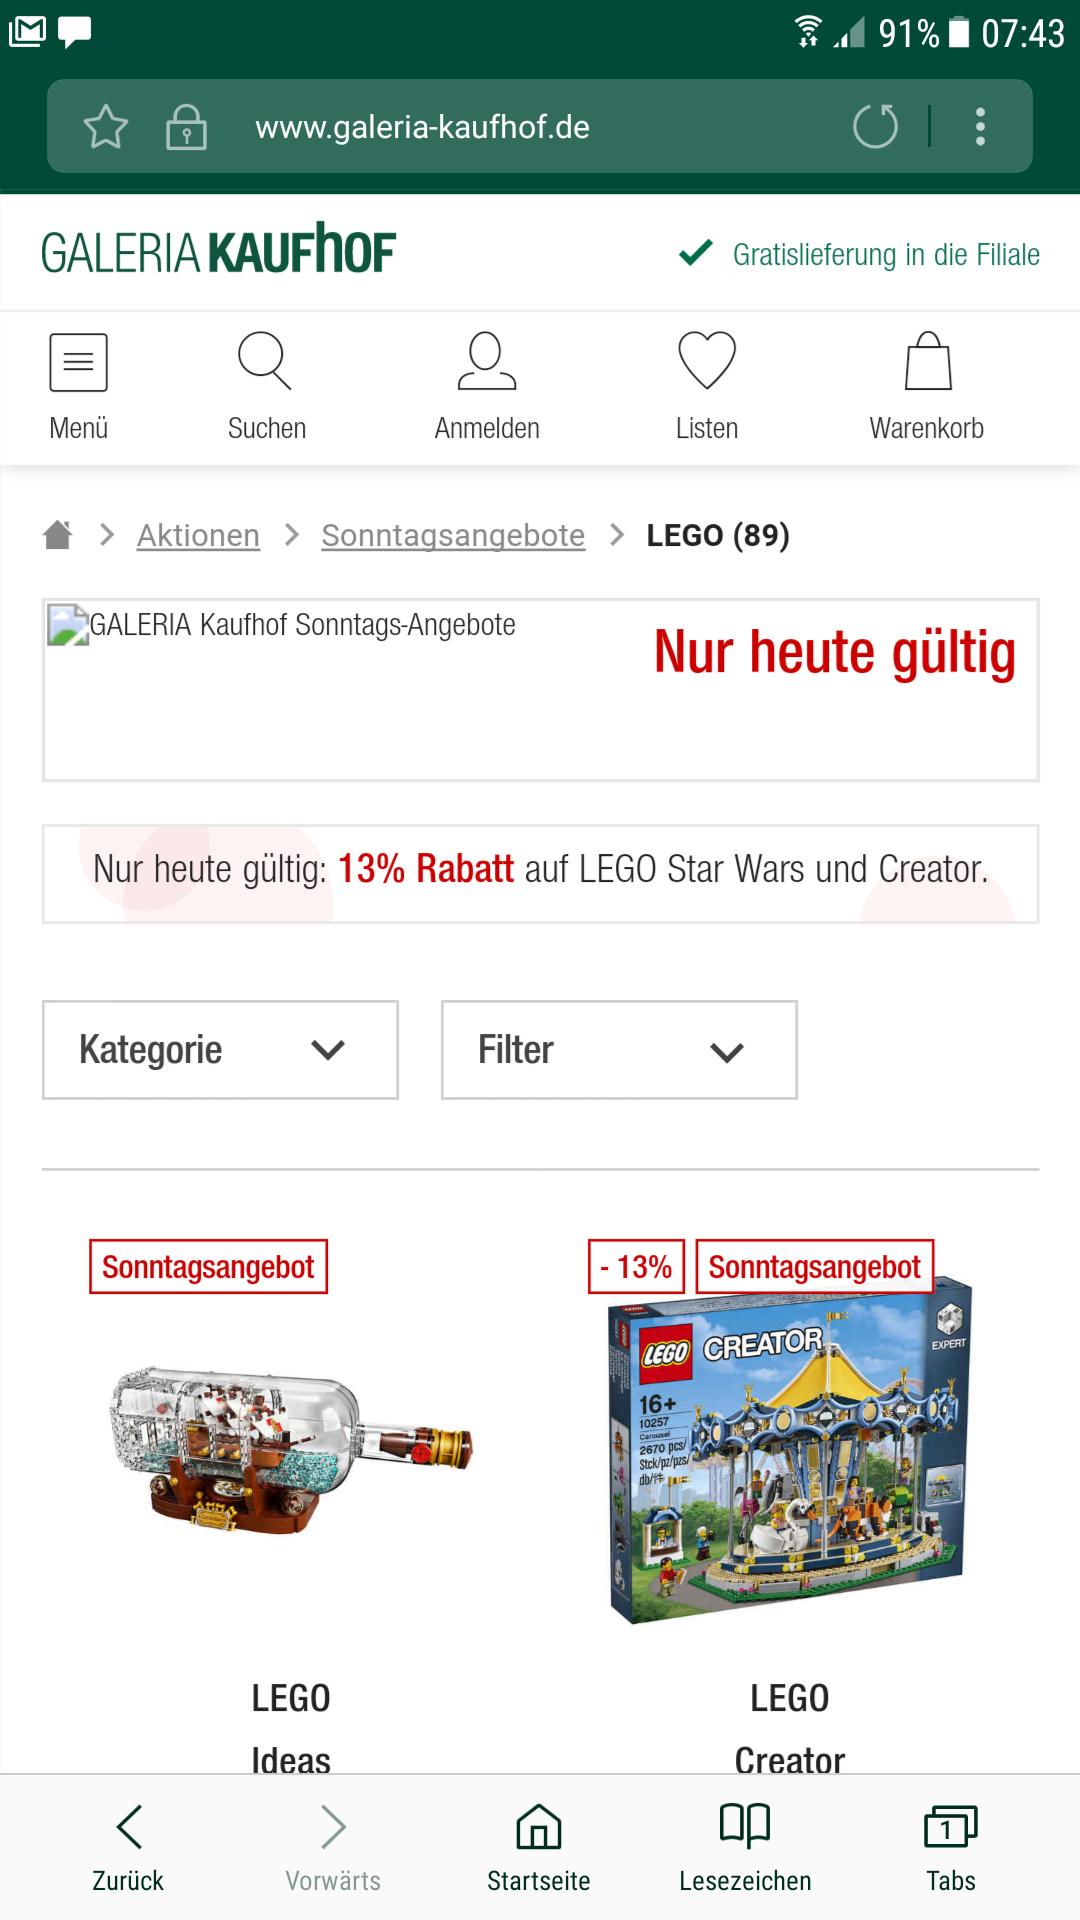 Sonntagsdeal bei Galeria Kaufhof - 13% und mehr auf Lego Star Wars und Creator, z.B. Falcon 75192 für 695.99